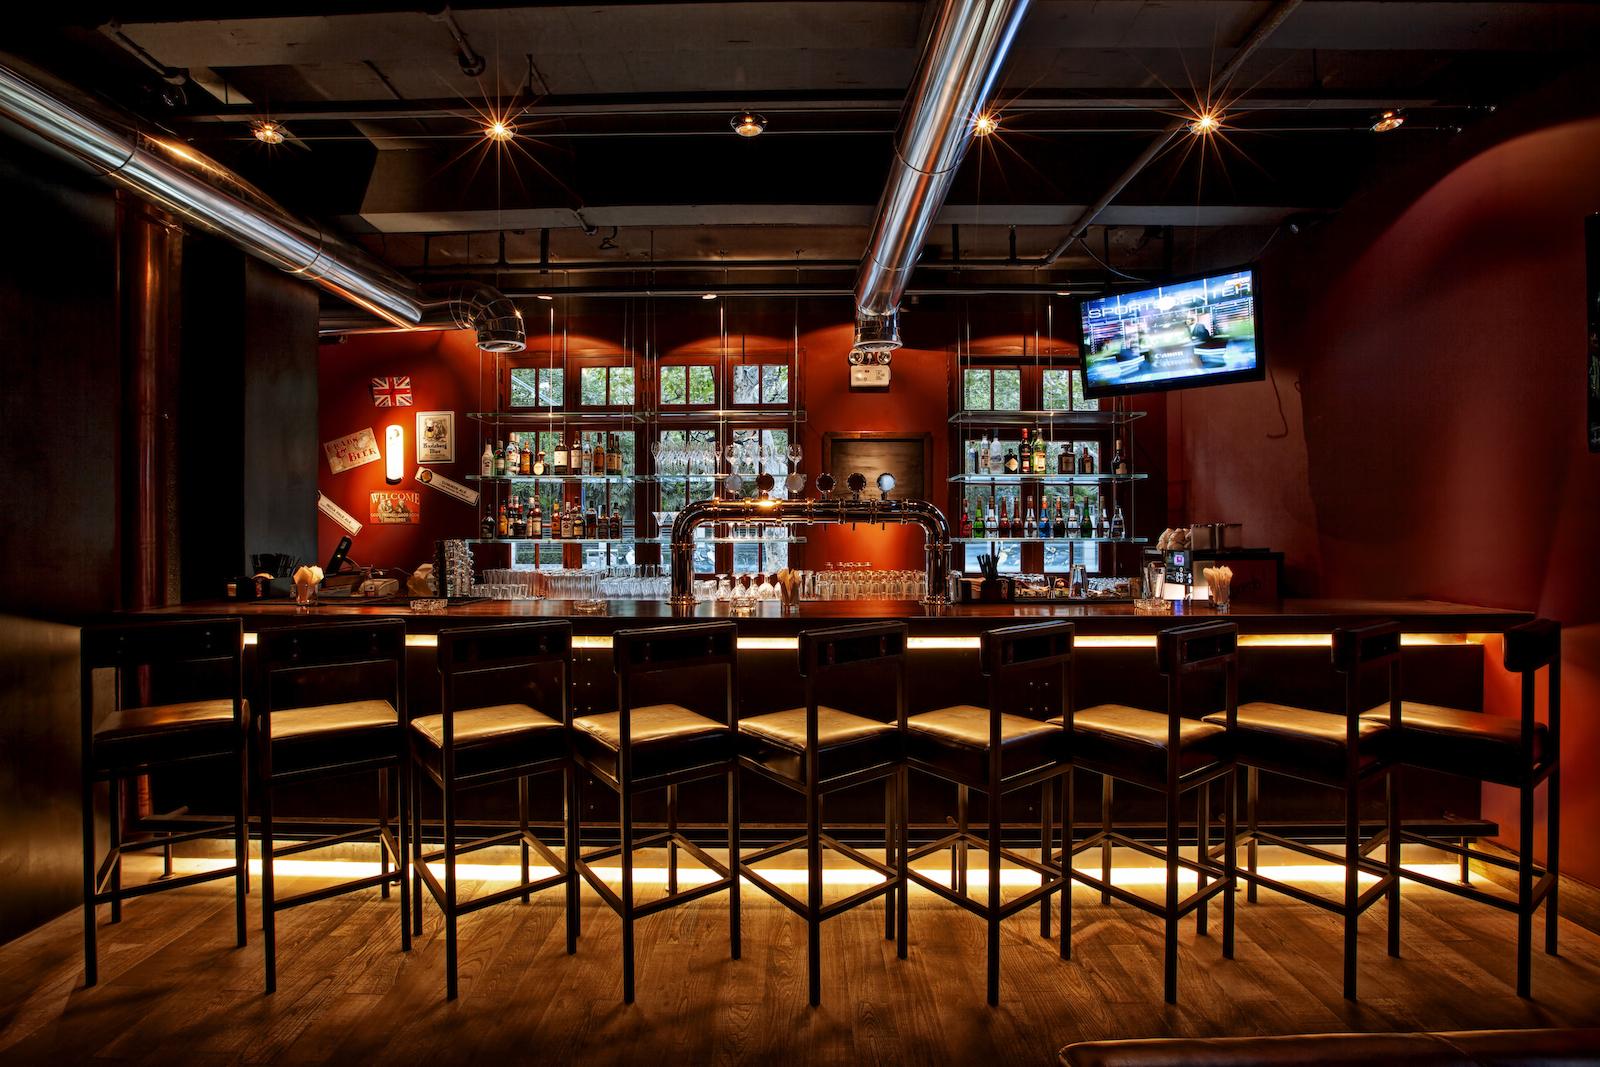 exemple de bar bar exemple with exemple de bar beautiful voici un exemple de la maison idale. Black Bedroom Furniture Sets. Home Design Ideas